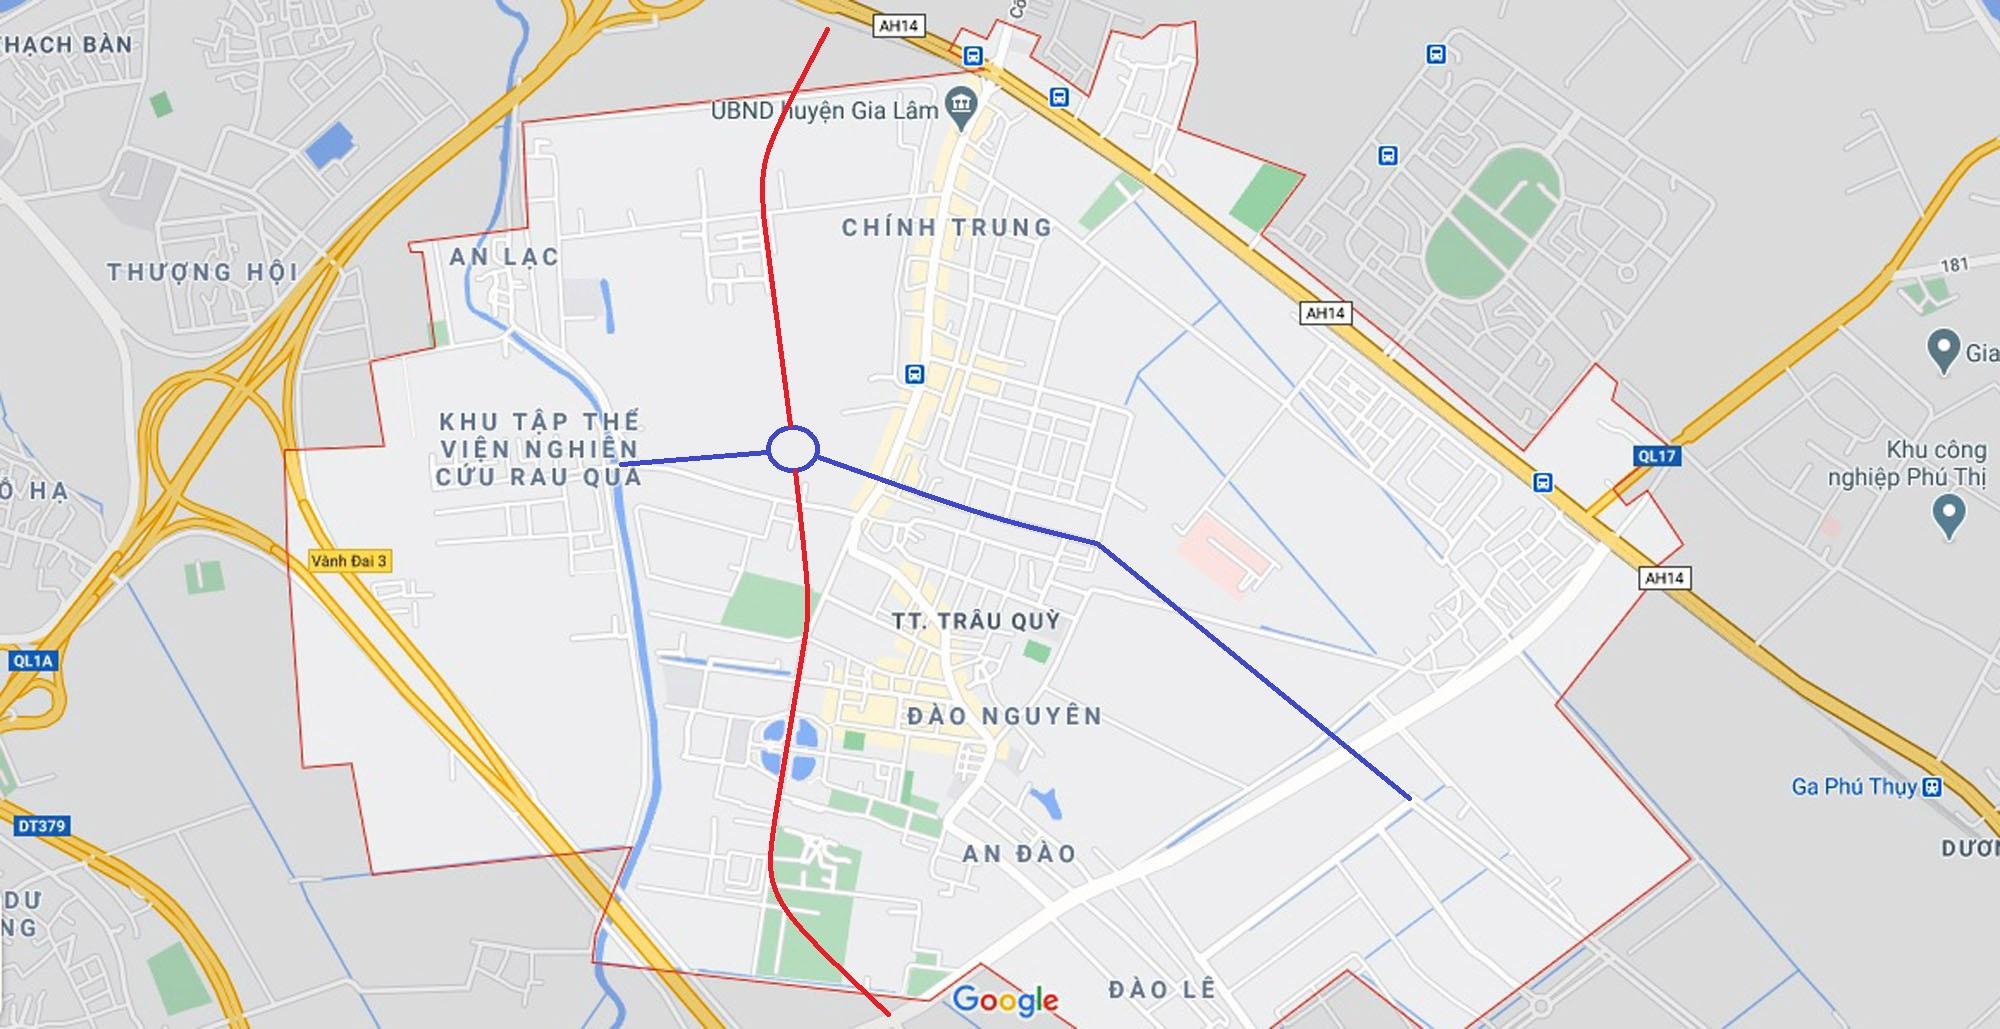 Ba đường sẽ mở theo qui hoạch ở thị trấn Trâu Quỳ, Gia Lâm, Hà Nội - Ảnh 10.